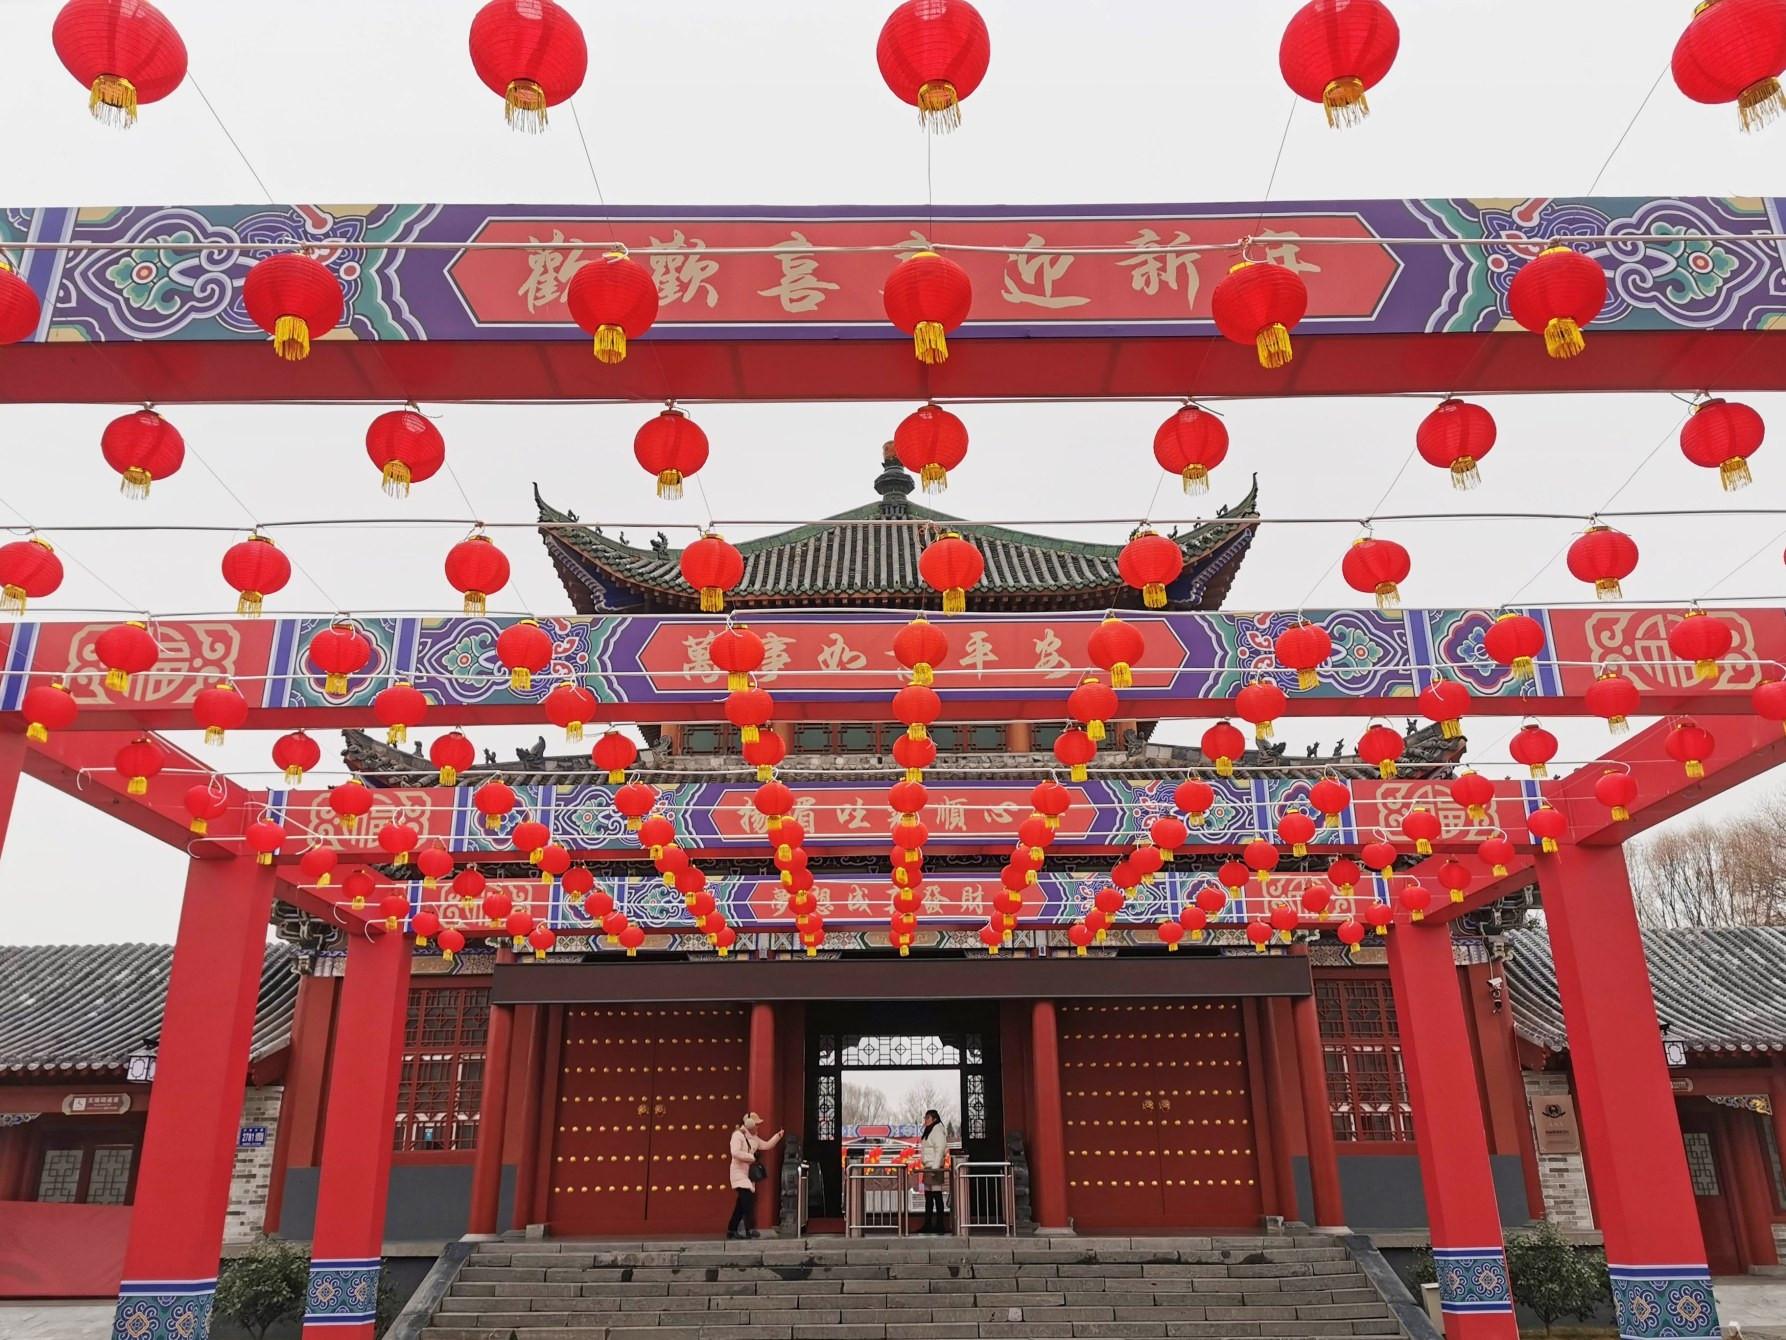 灞陵橋景區︰喜氣洋(yang)洋(yang)迎新年